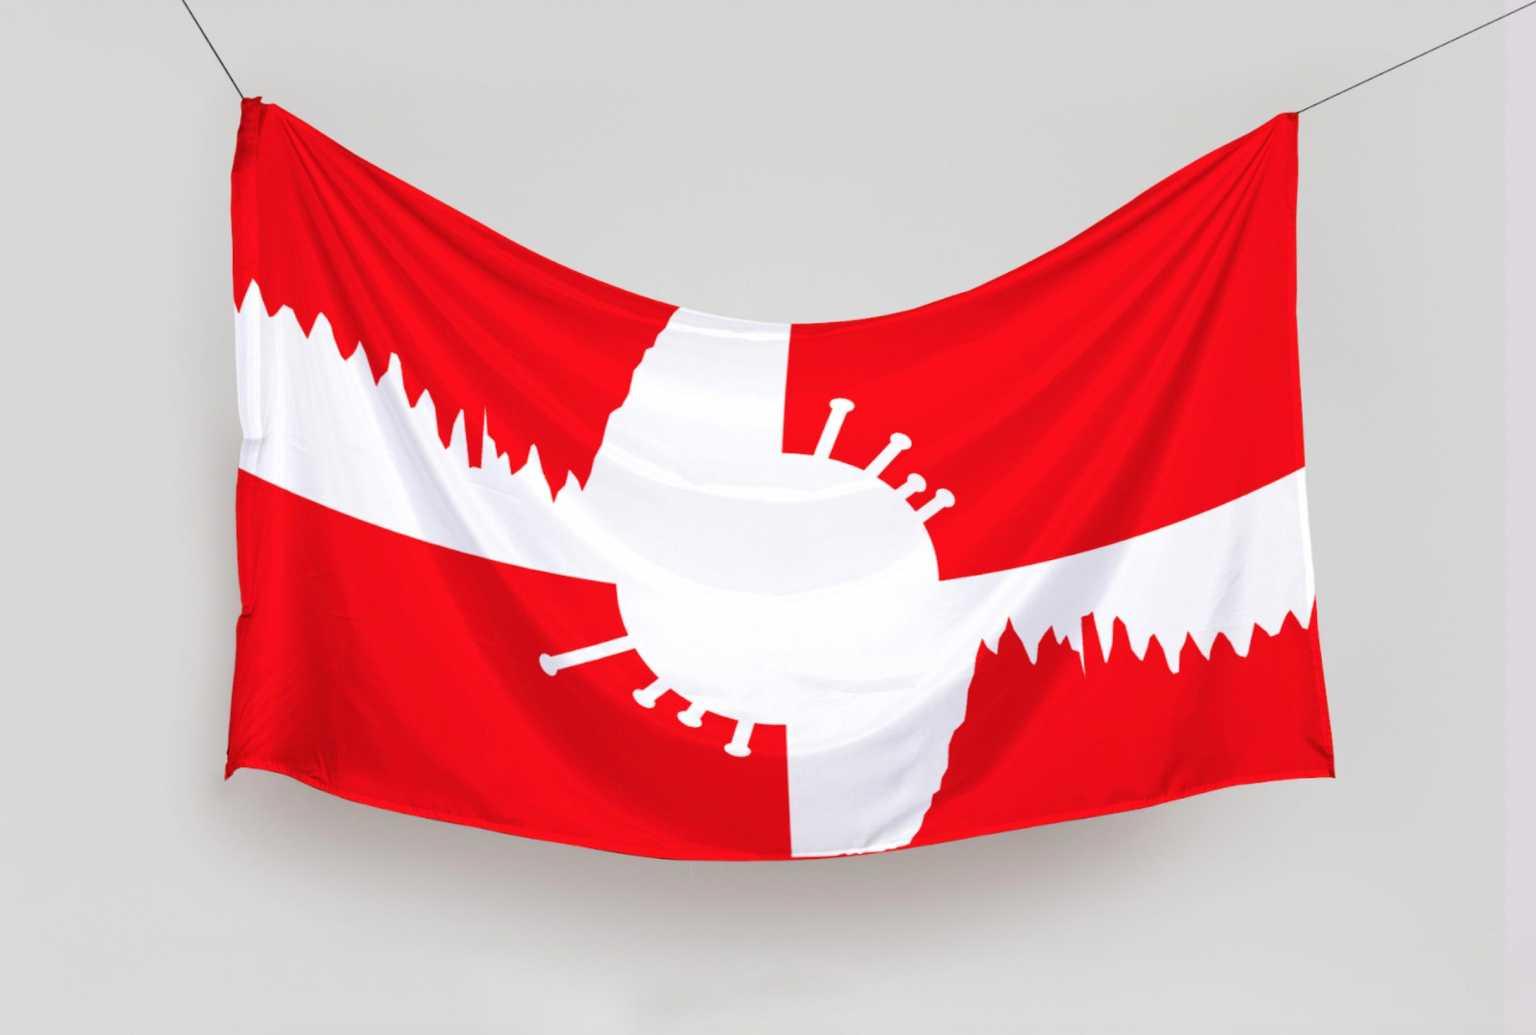 COVID-19 Flag